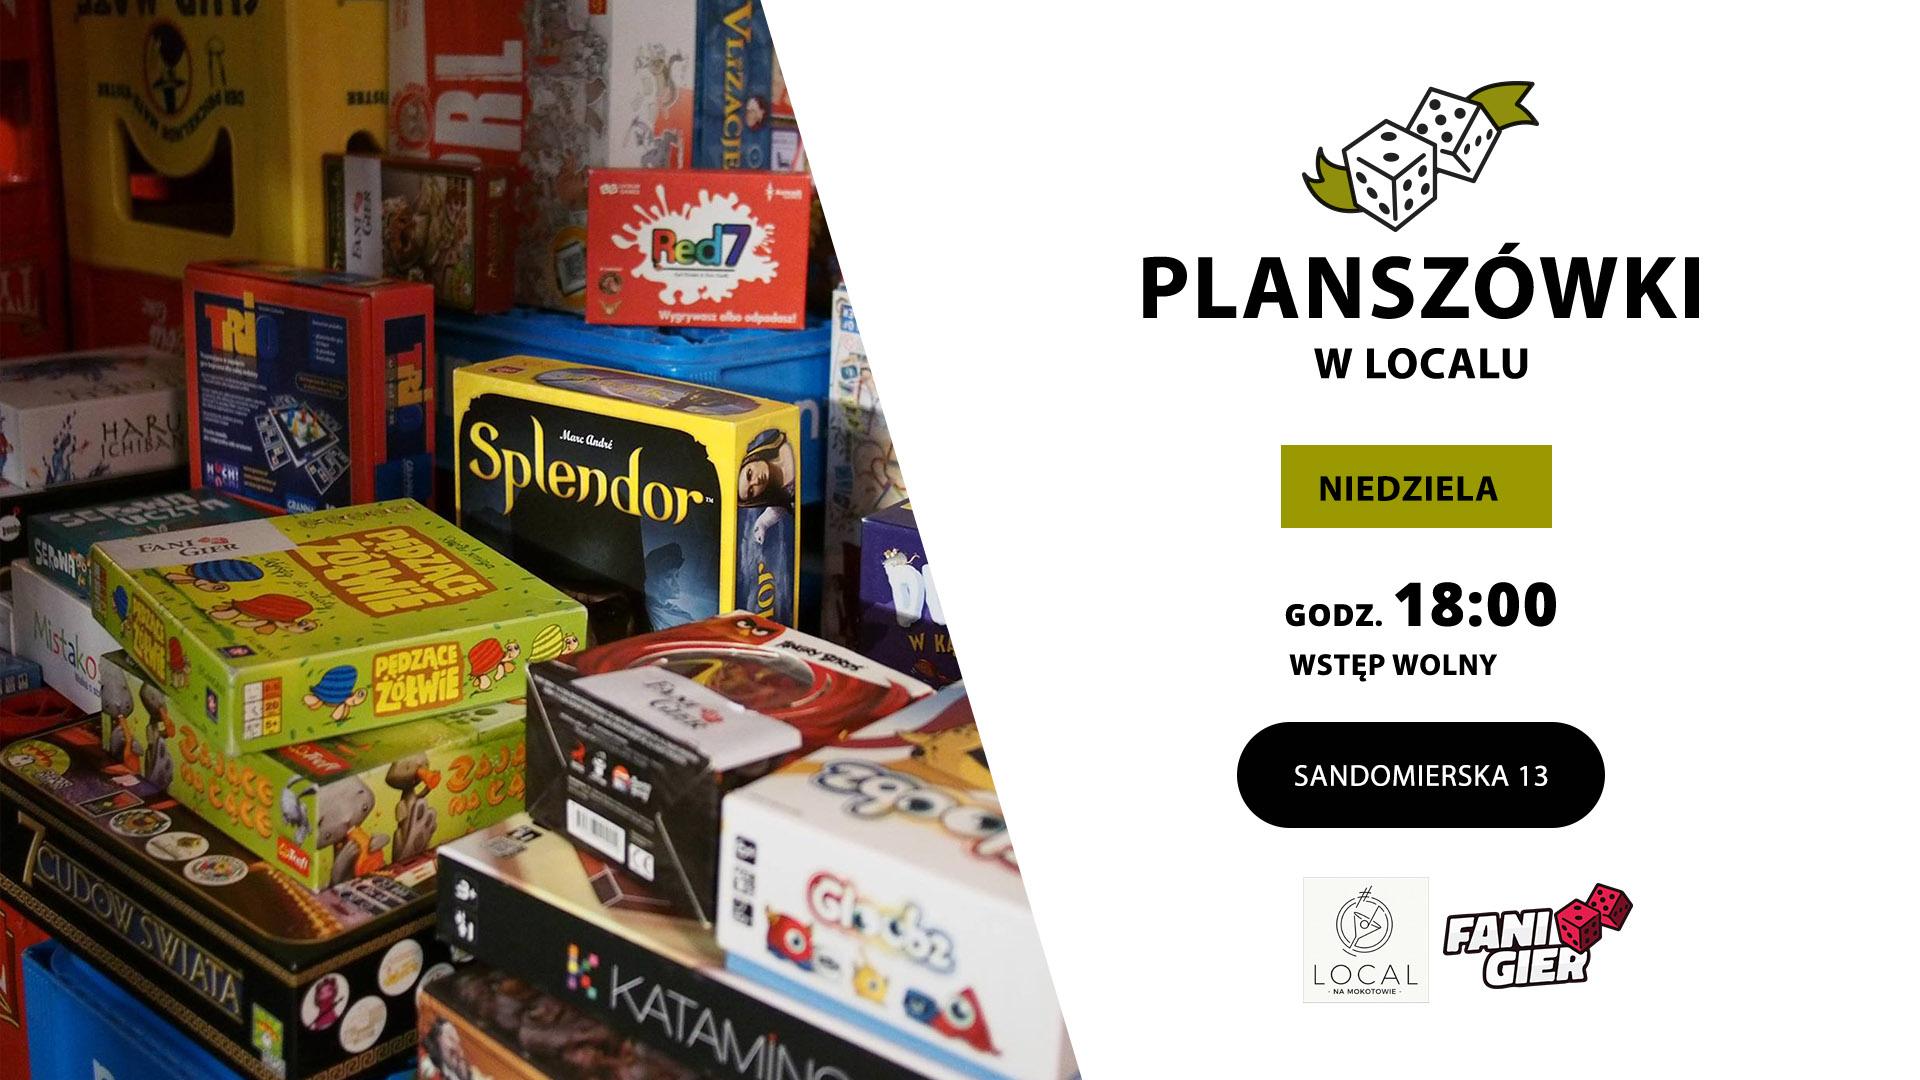 Planszówki_w_Localu_54